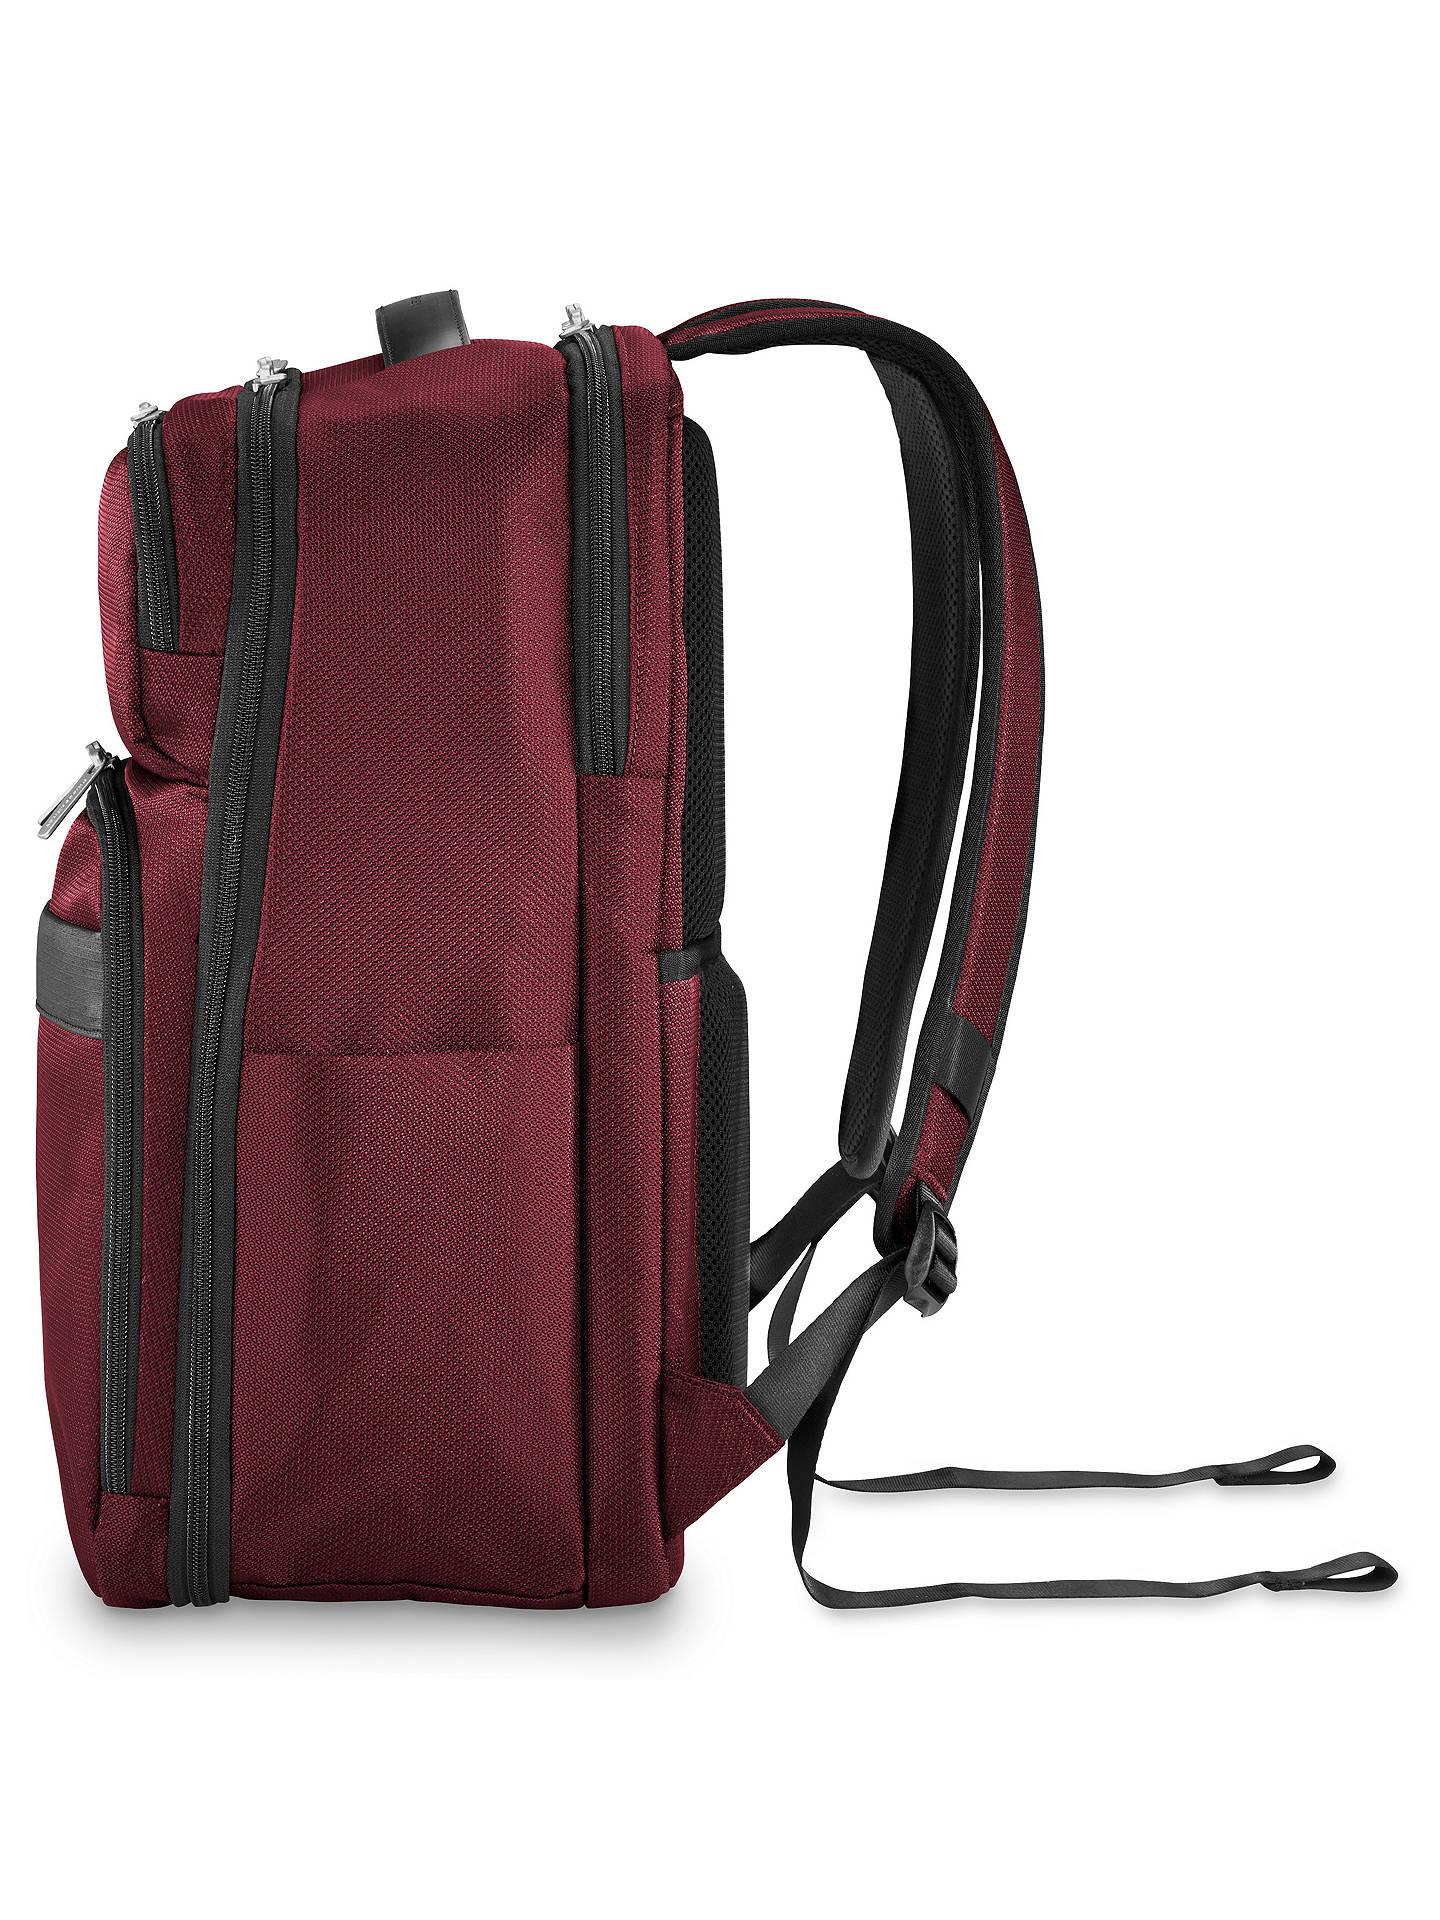 50d8dd7fb20 ... BuyBriggs   Riley Transcend Backpack, Merlot Online at johnlewis. ...